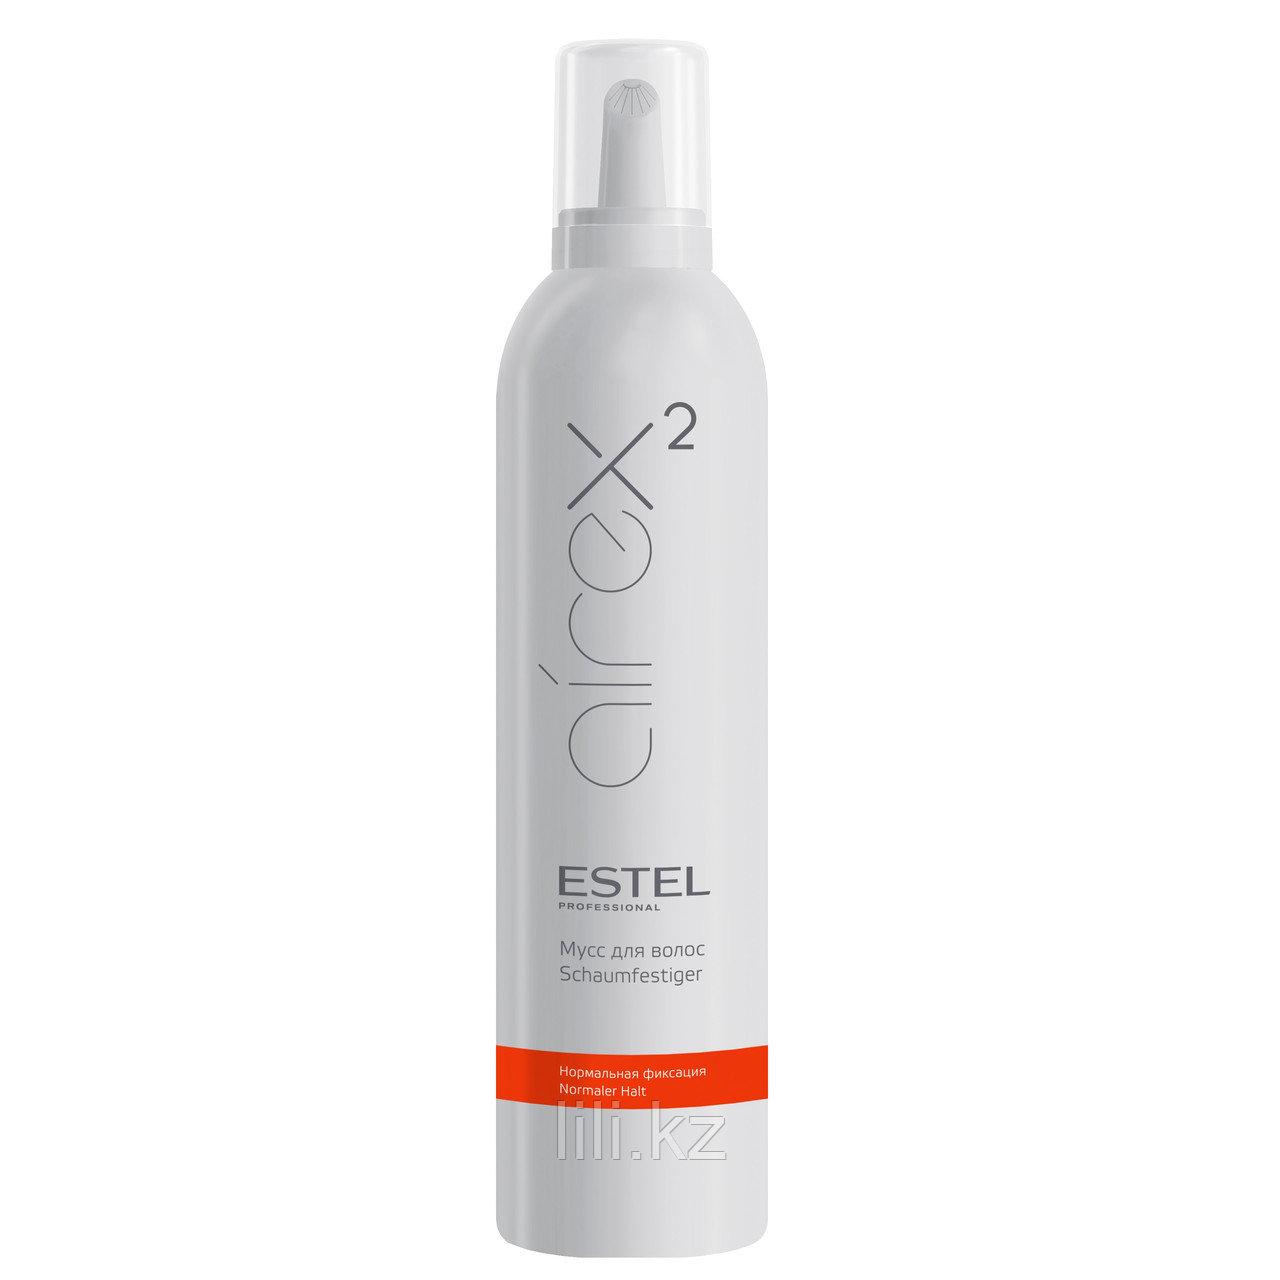 Мусс для волос Estel AIREX (нормальная фиксация) (Артикул: AM/2), 400 мл.